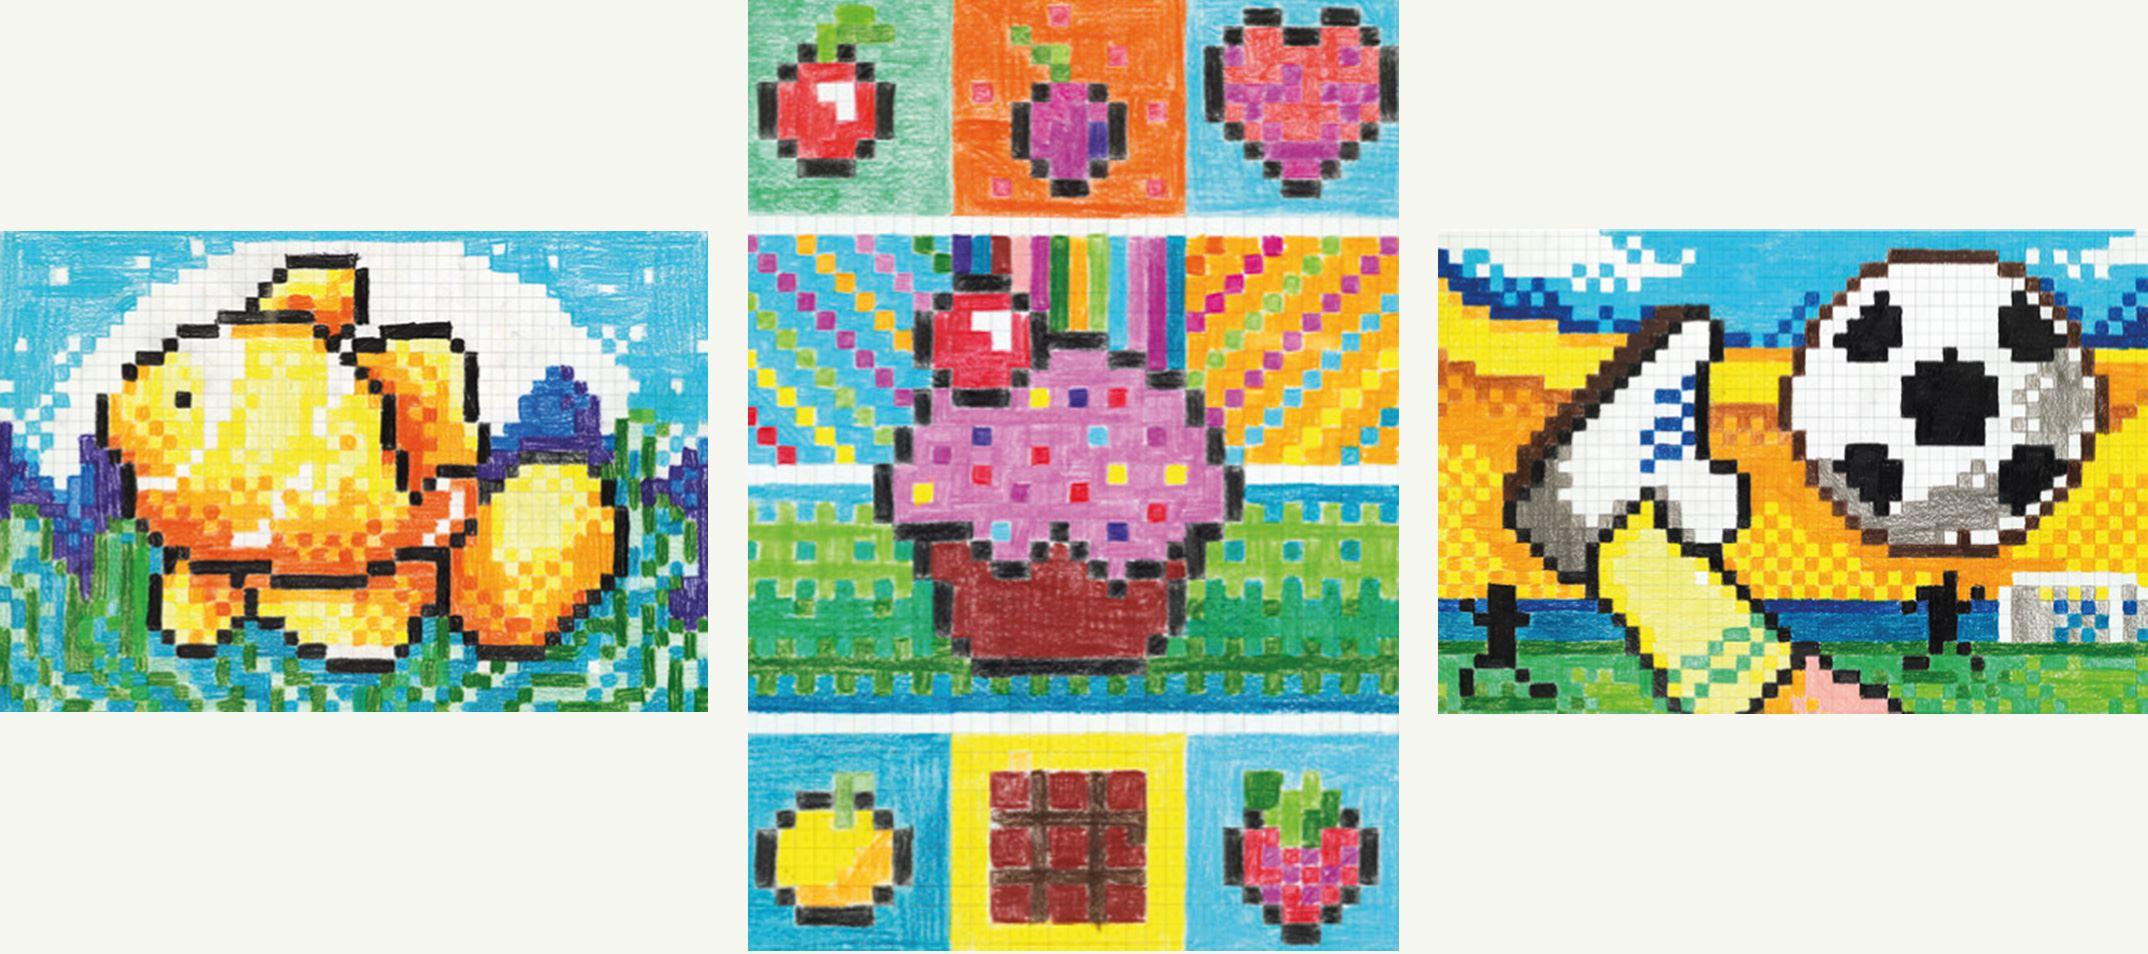 coole pixel bilder zum nachmalen